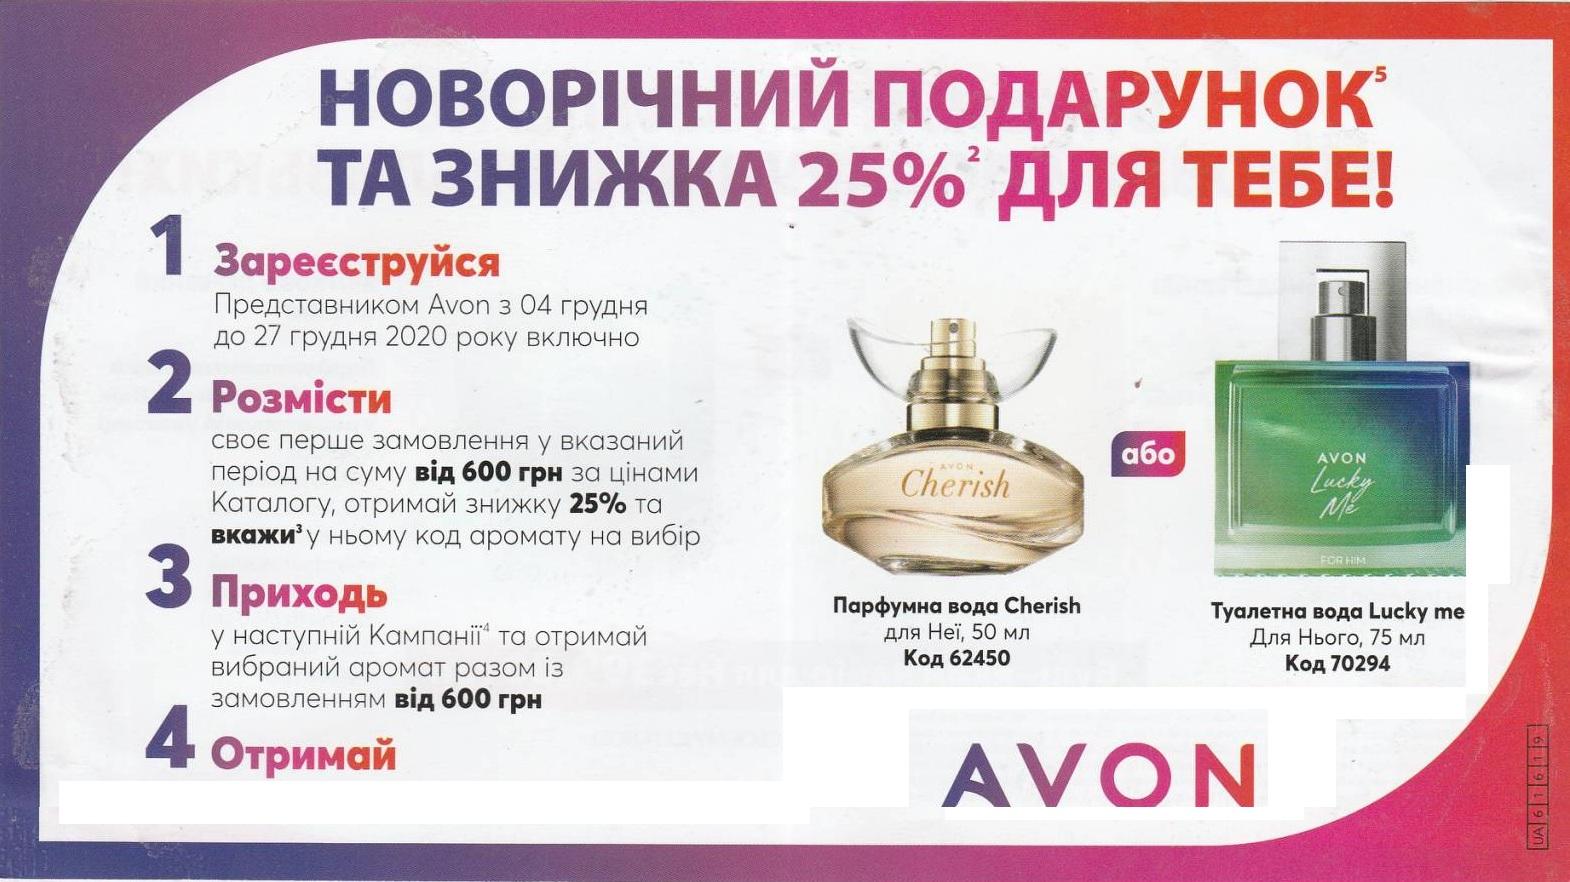 Условия регистрации консультантом AVON в К13-14/2017